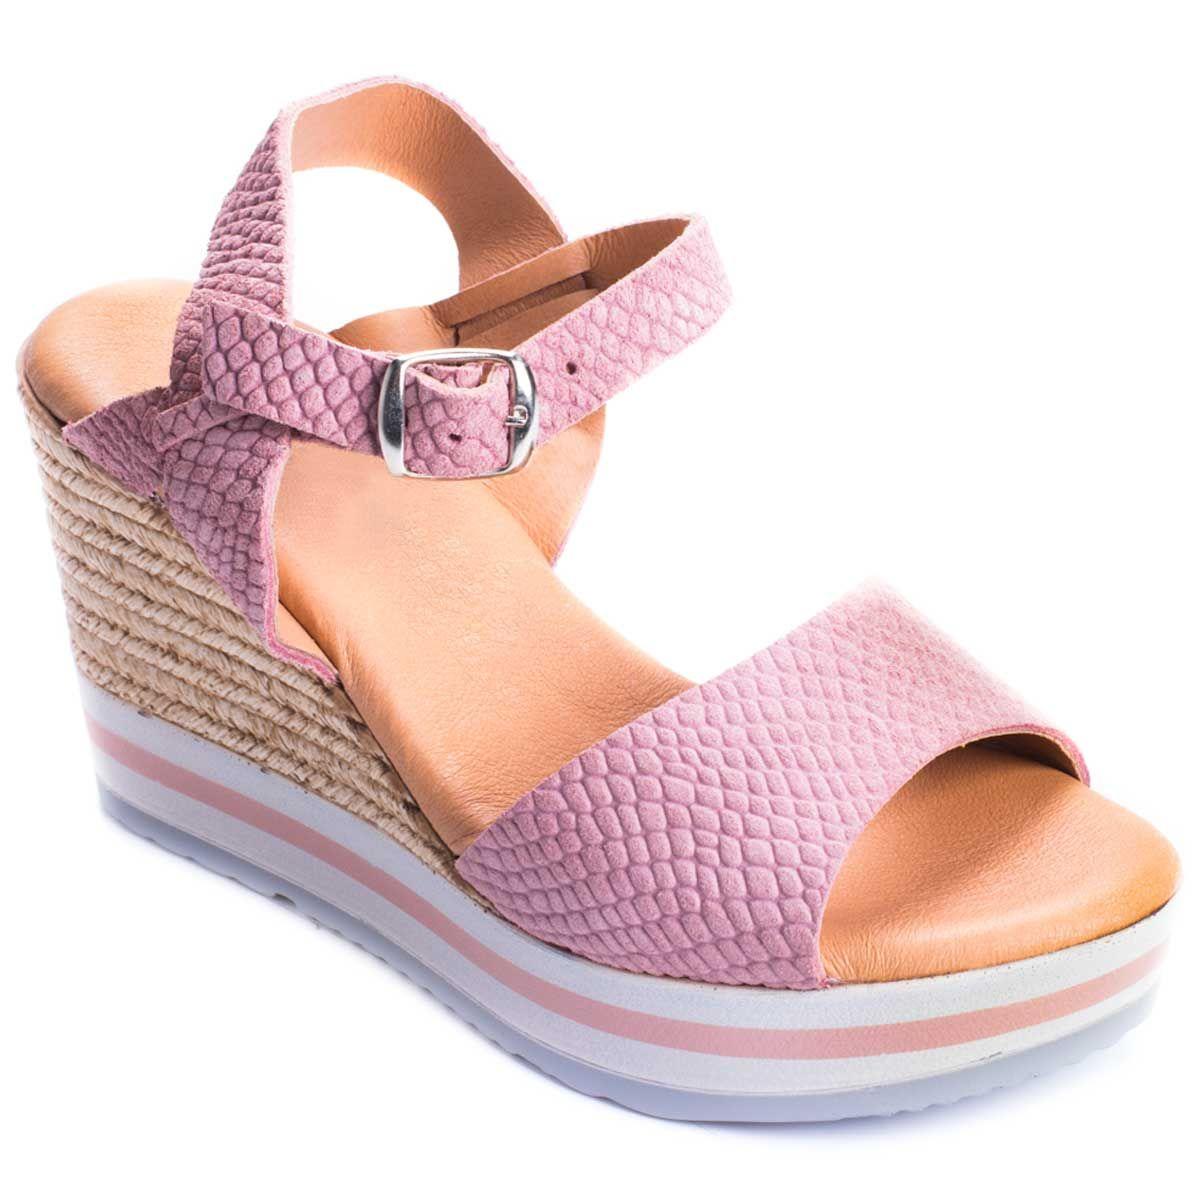 Purapiel Ankle Strap Wedge Espadrille in Pink